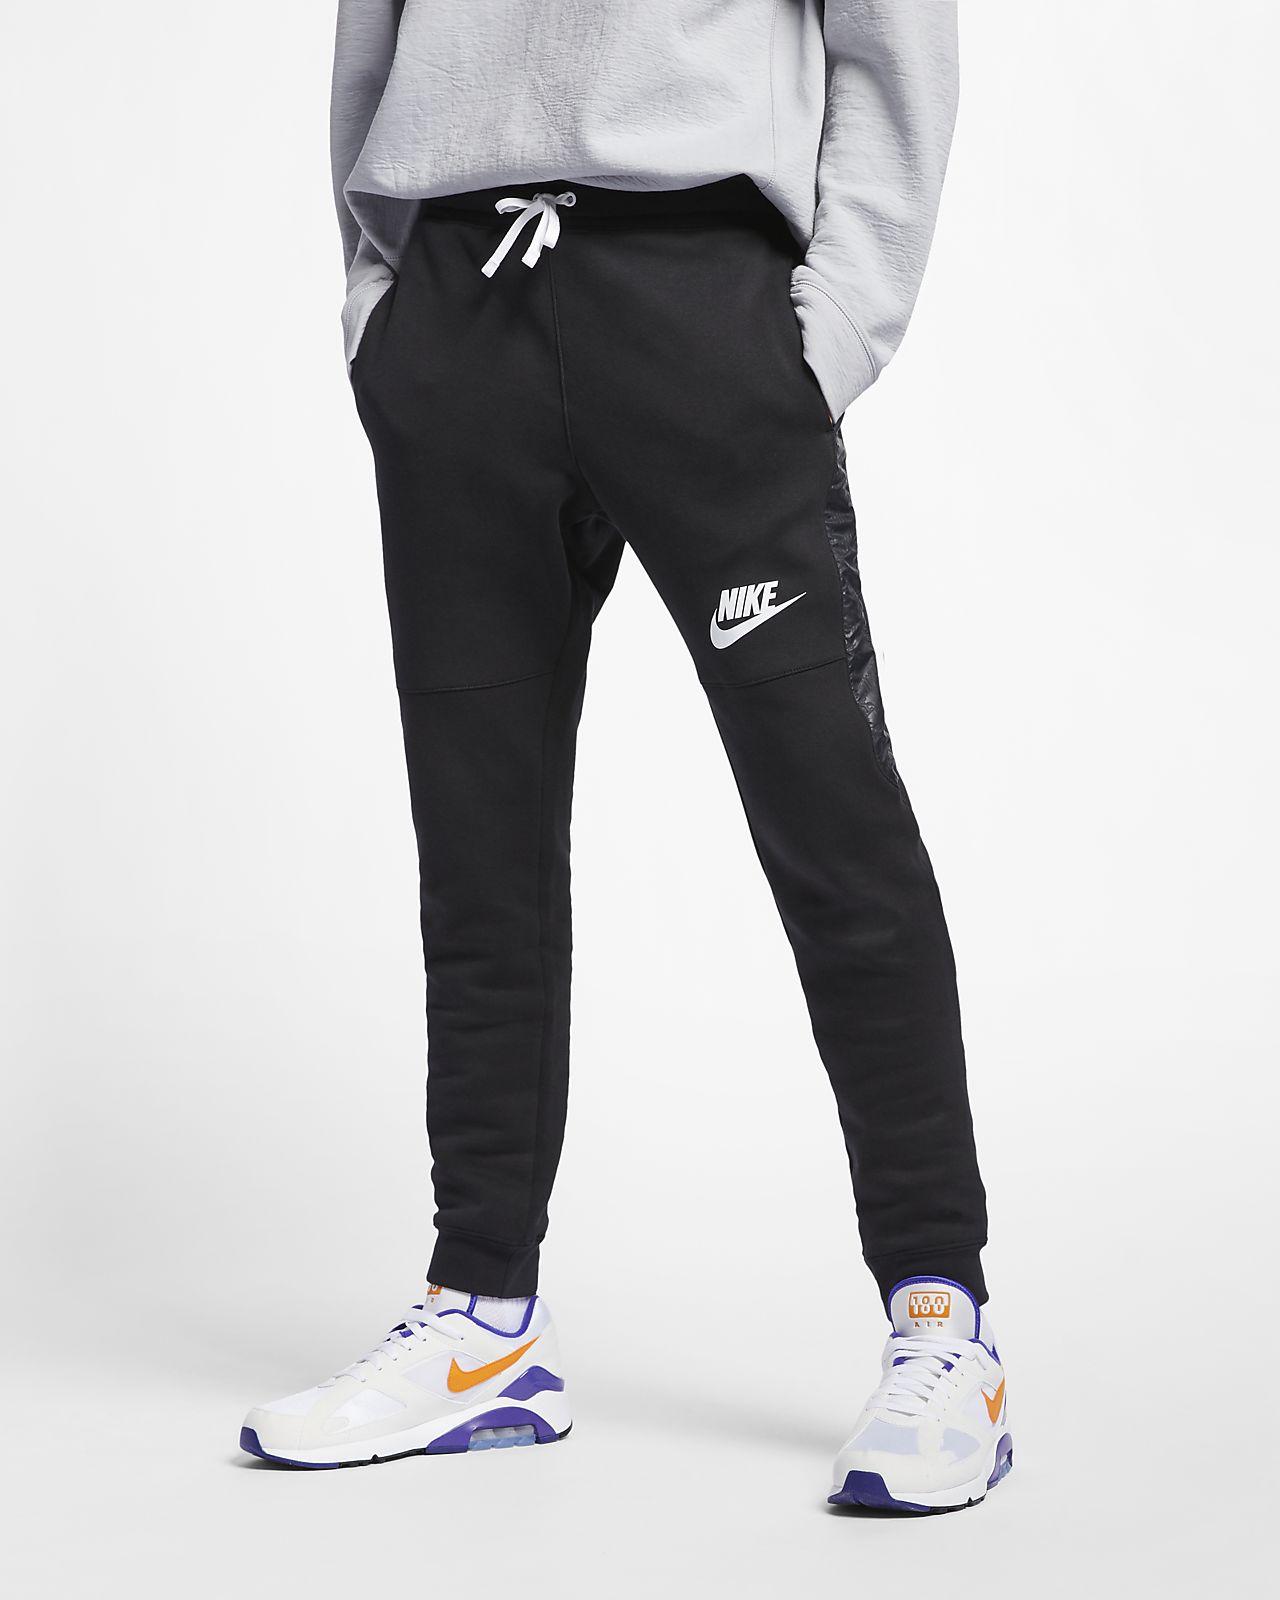 Nike Sportswear Men\u0027s Joggers